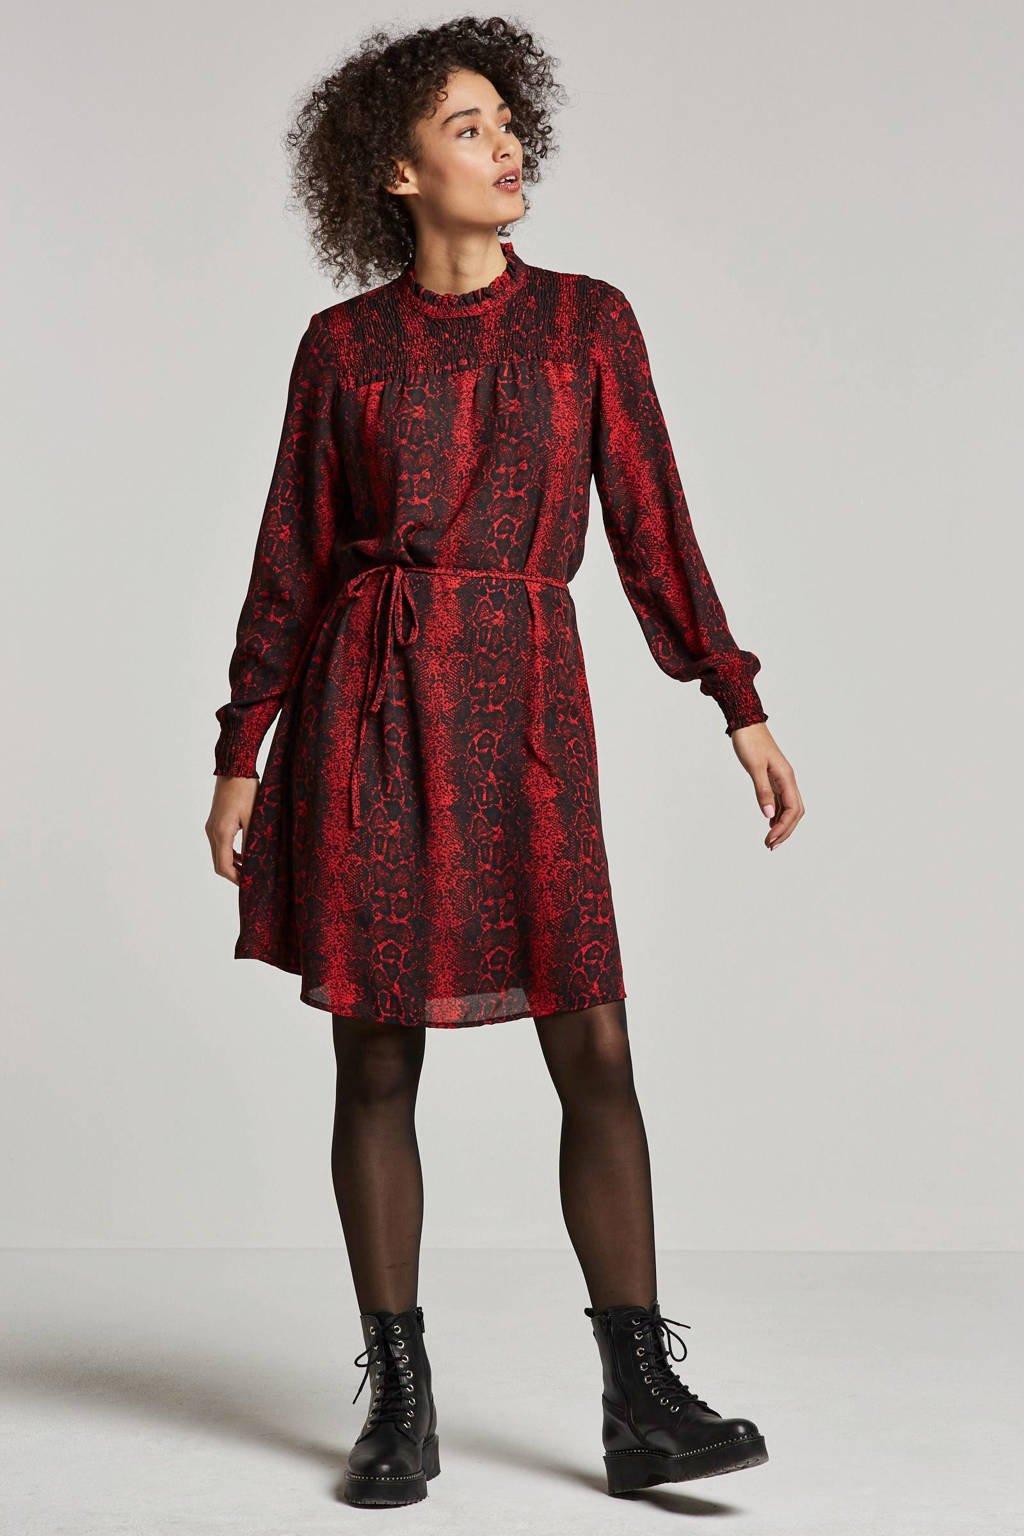 JACQUELINE DE YONG jurk met slangen print, Rood/zwart